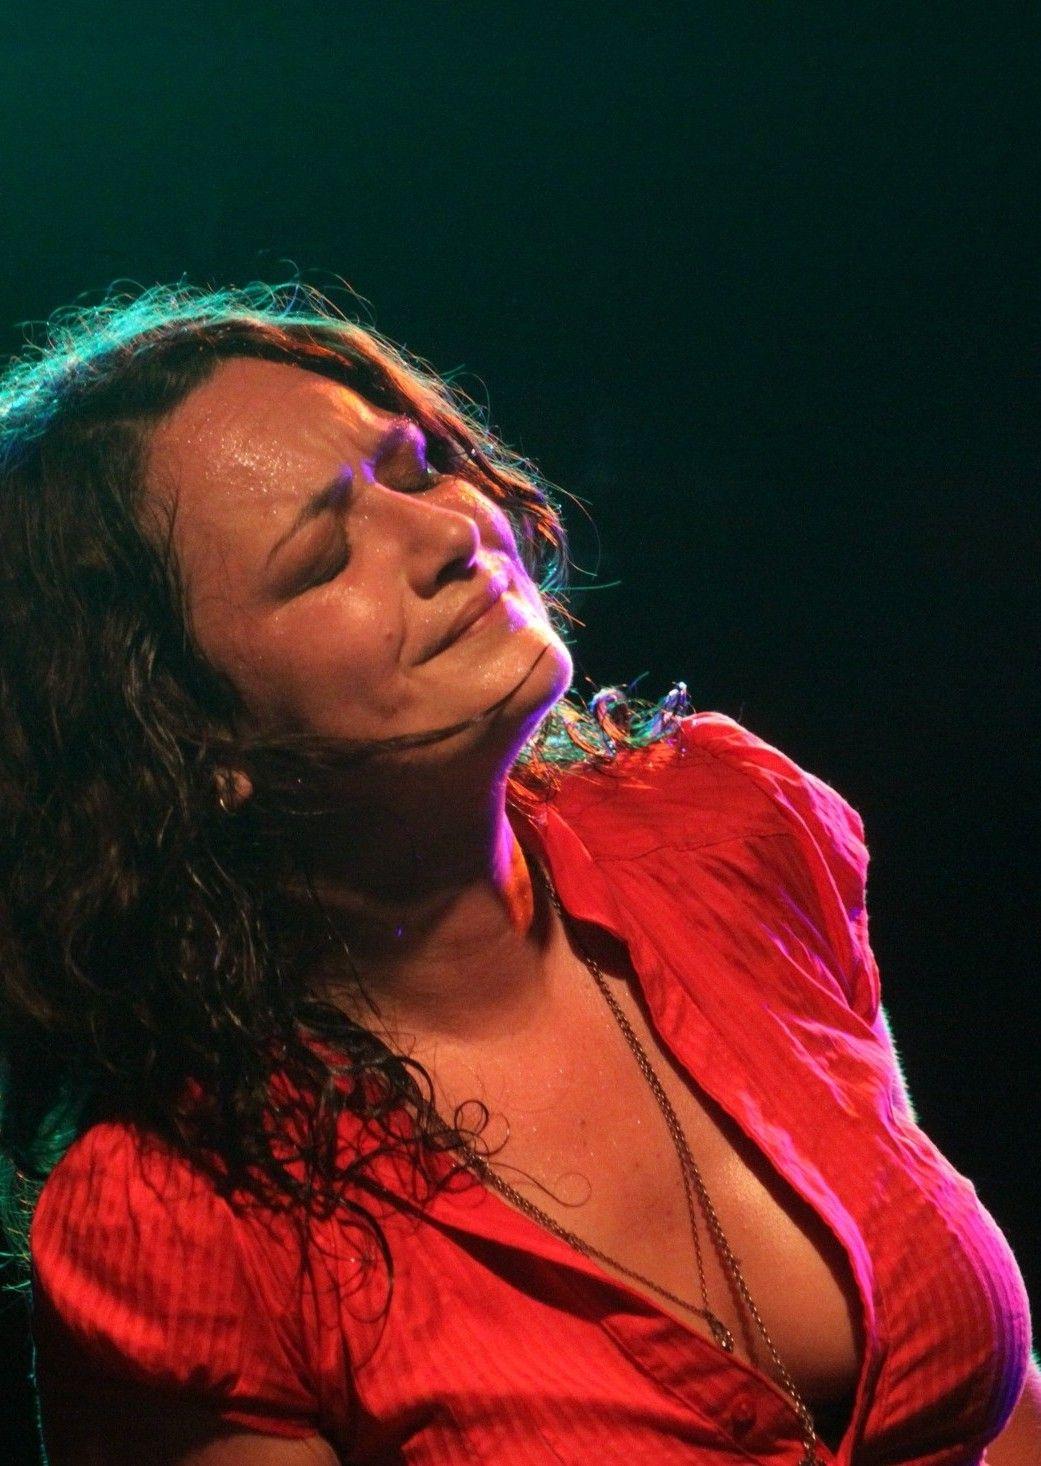 Freitag 16. März Meena  'Feel Me' - Ihr 2. Album, welches im Katalog von 'RUF Records' erscheinen wird, ist das, was sich mit 'ein großer Wurf' nur unzureichend beschreiben lässt. Meena die Blues-Göttin, Meena die aufsehen erregende Stimme, die Welt-Musikerin, die sich aus dem kleinen oberösterreichischen Dorf Überackern aufgemacht hat um zu zeigen, dass Stimme und Gefühl, Blues und Seele keine Frage der Herkunft sind.